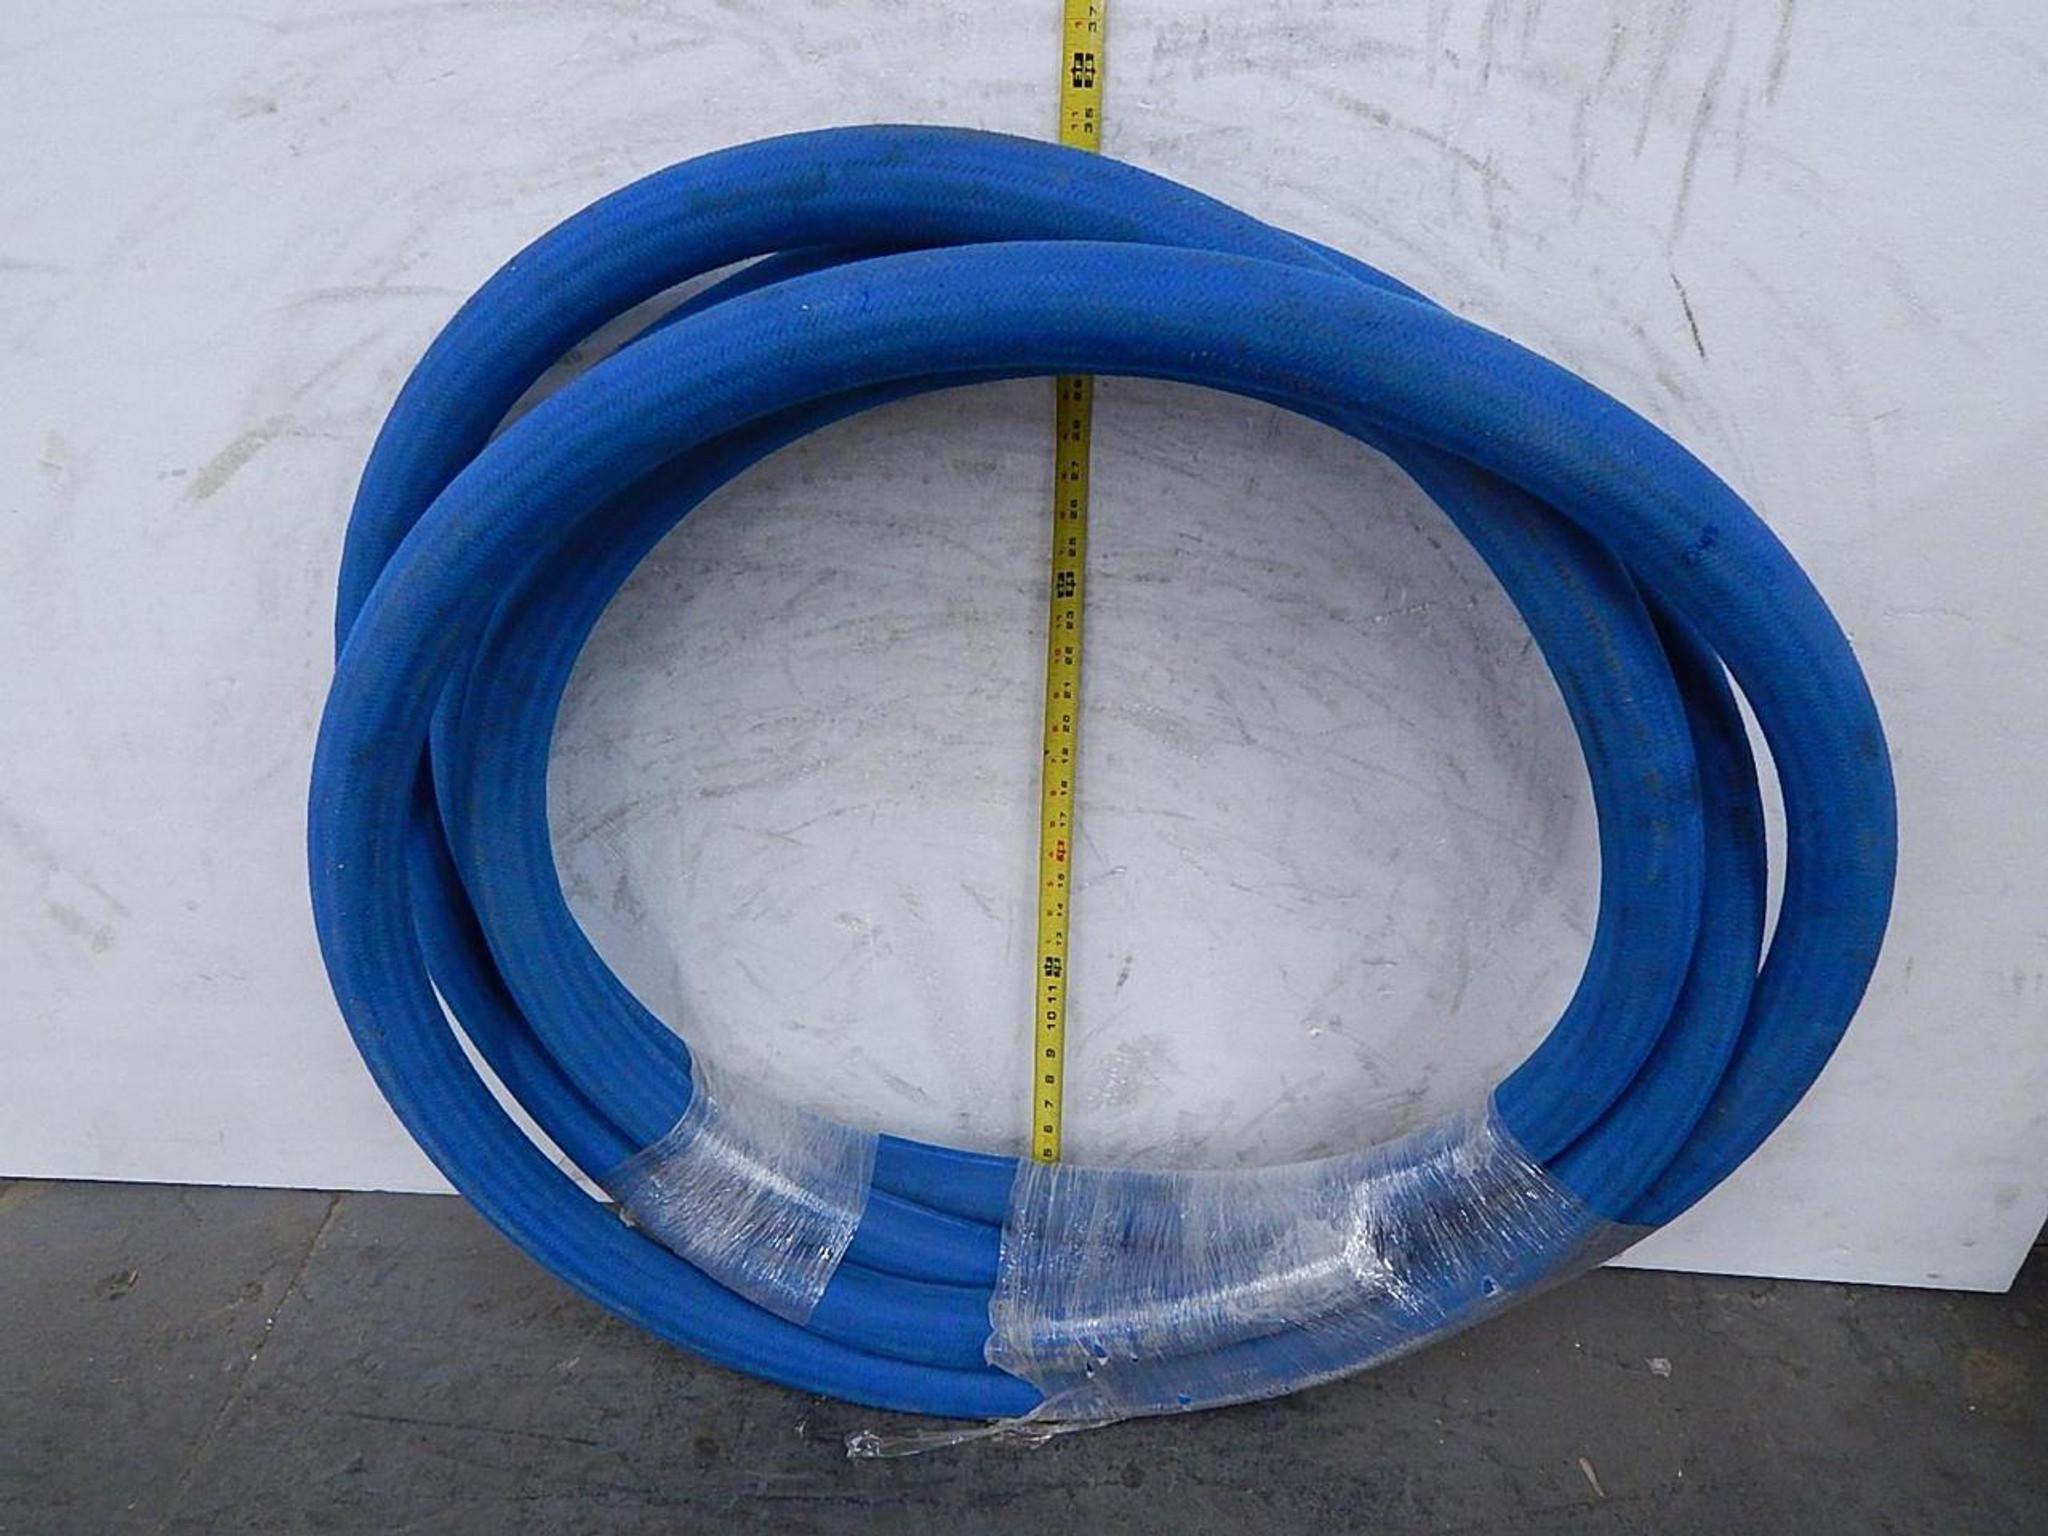 Aeroquip FC300-32 Blue Hydraulic Hose 30 Ft SAE100R5 HIGH TEMP 2 22 In OD  1 81 ID